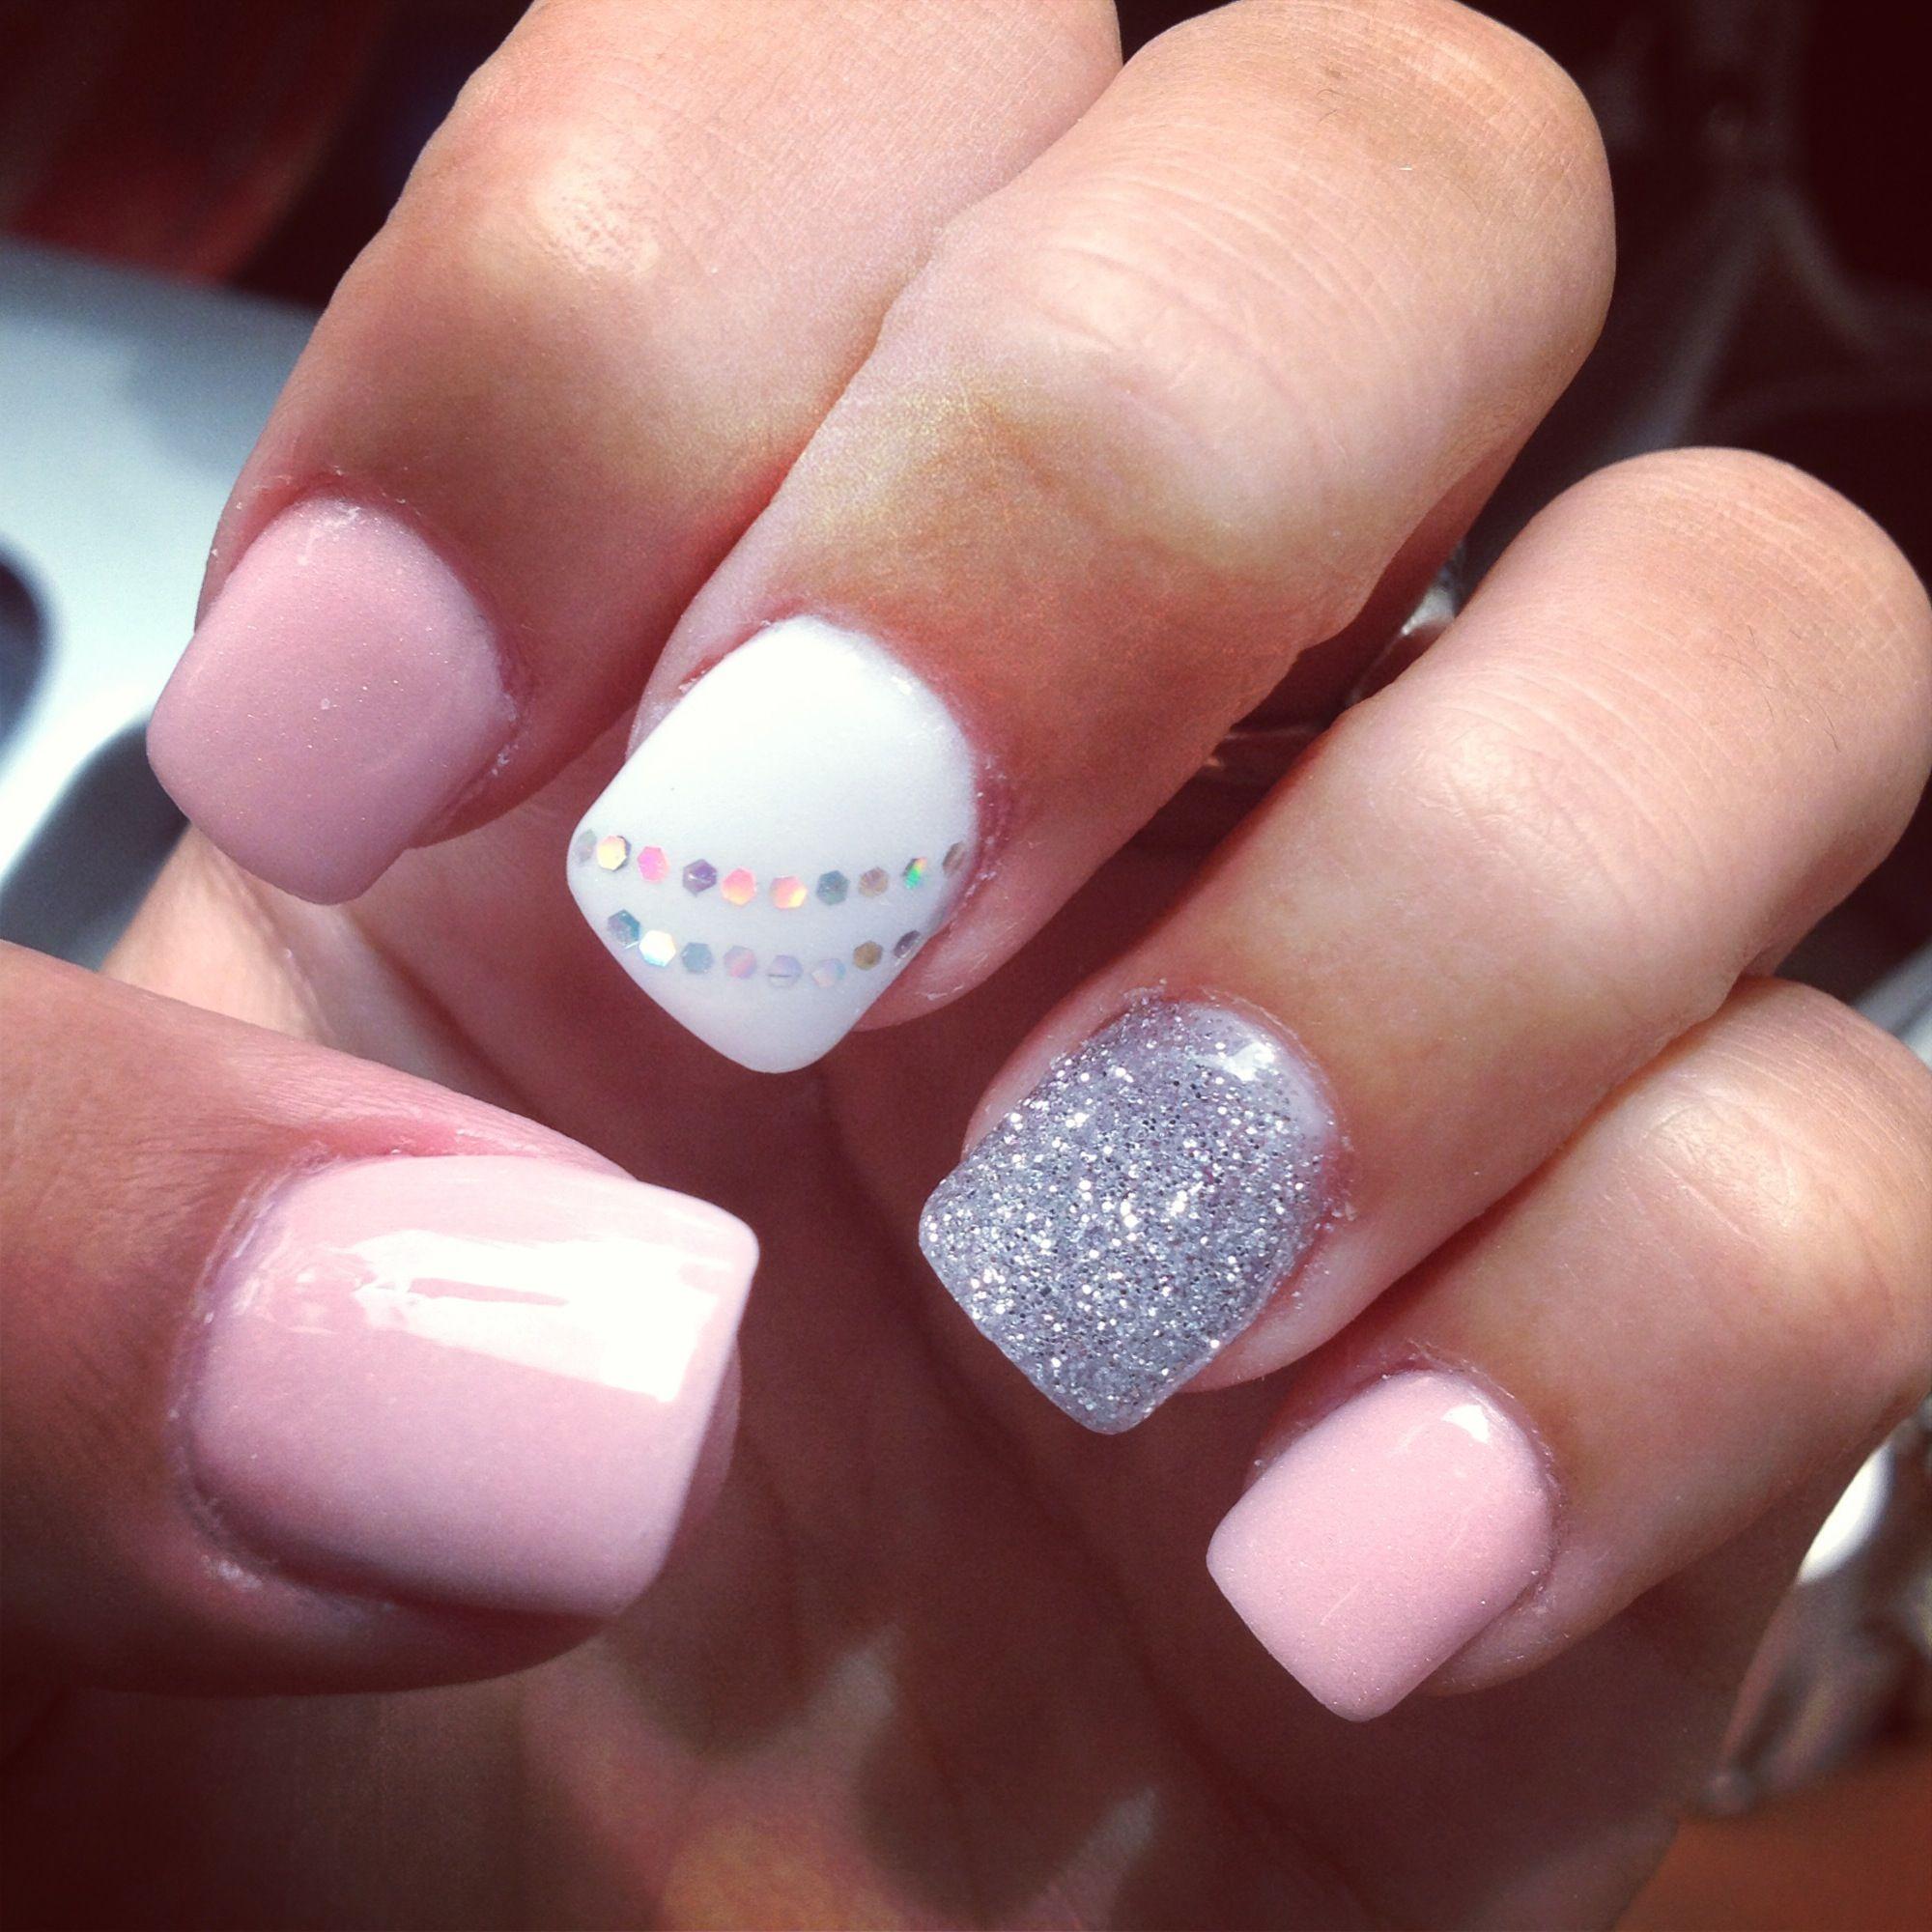 New nails - US NAILS! | Miscellaneous. | Pinterest | Makeup, Nail ...